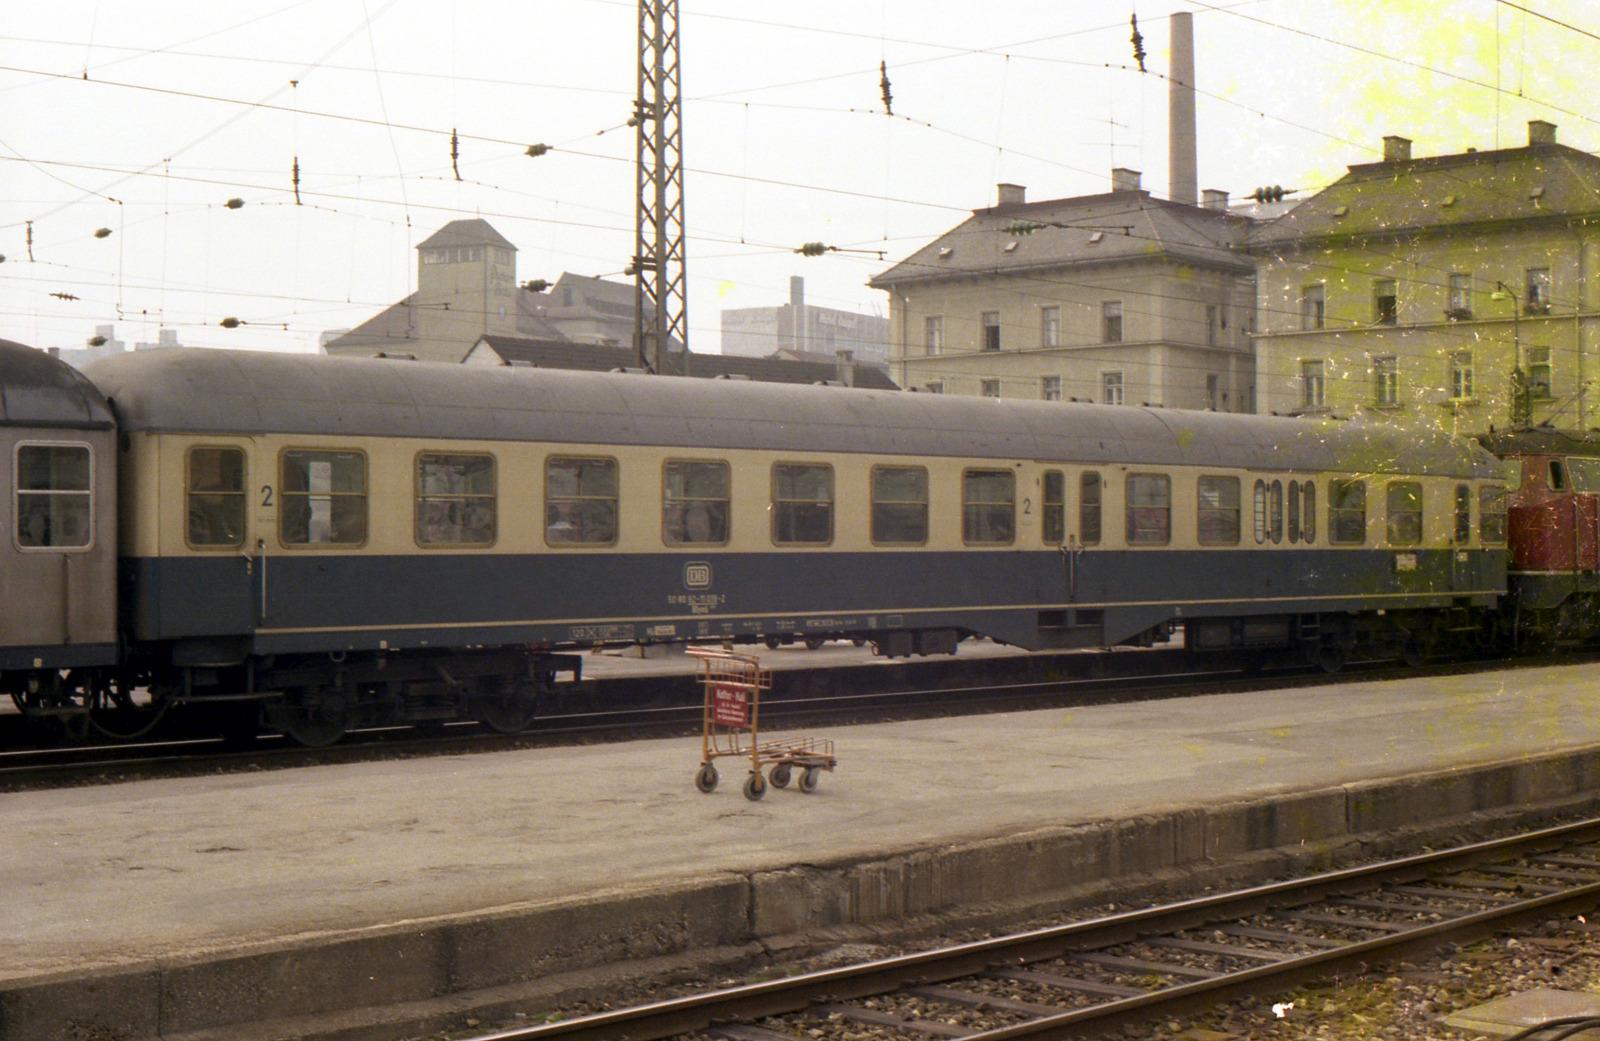 Die DB in Bildern 1966-1991: B(D)4ymf, B(D)yl (Eilzugsteuerwagen)